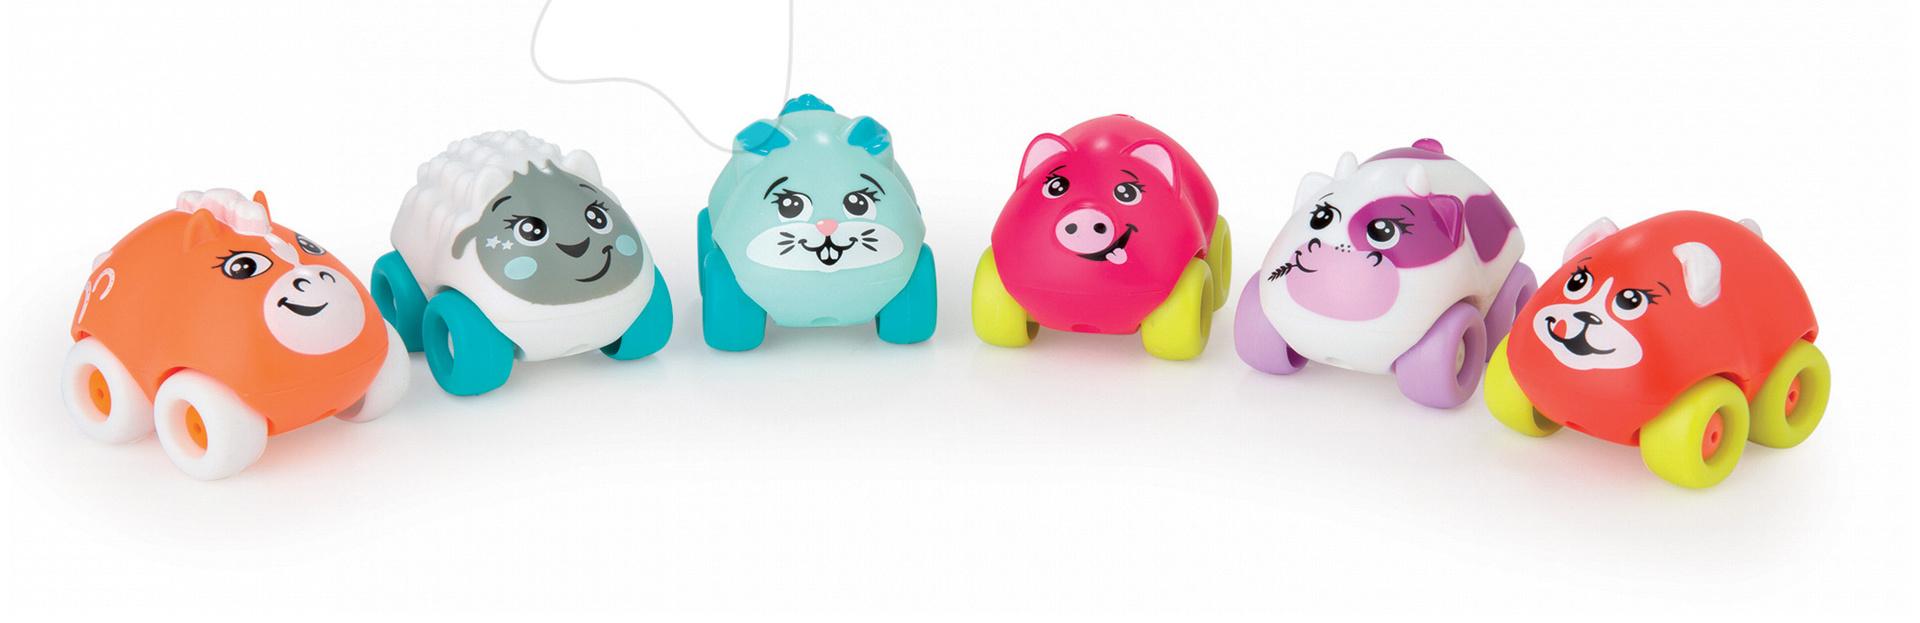 Autíčka - Zvieratko na kolieskach Eden Planet Smoby koník, ovečka, zajačik, prasiatko, kravička, mačička 7 cm od 12 mes